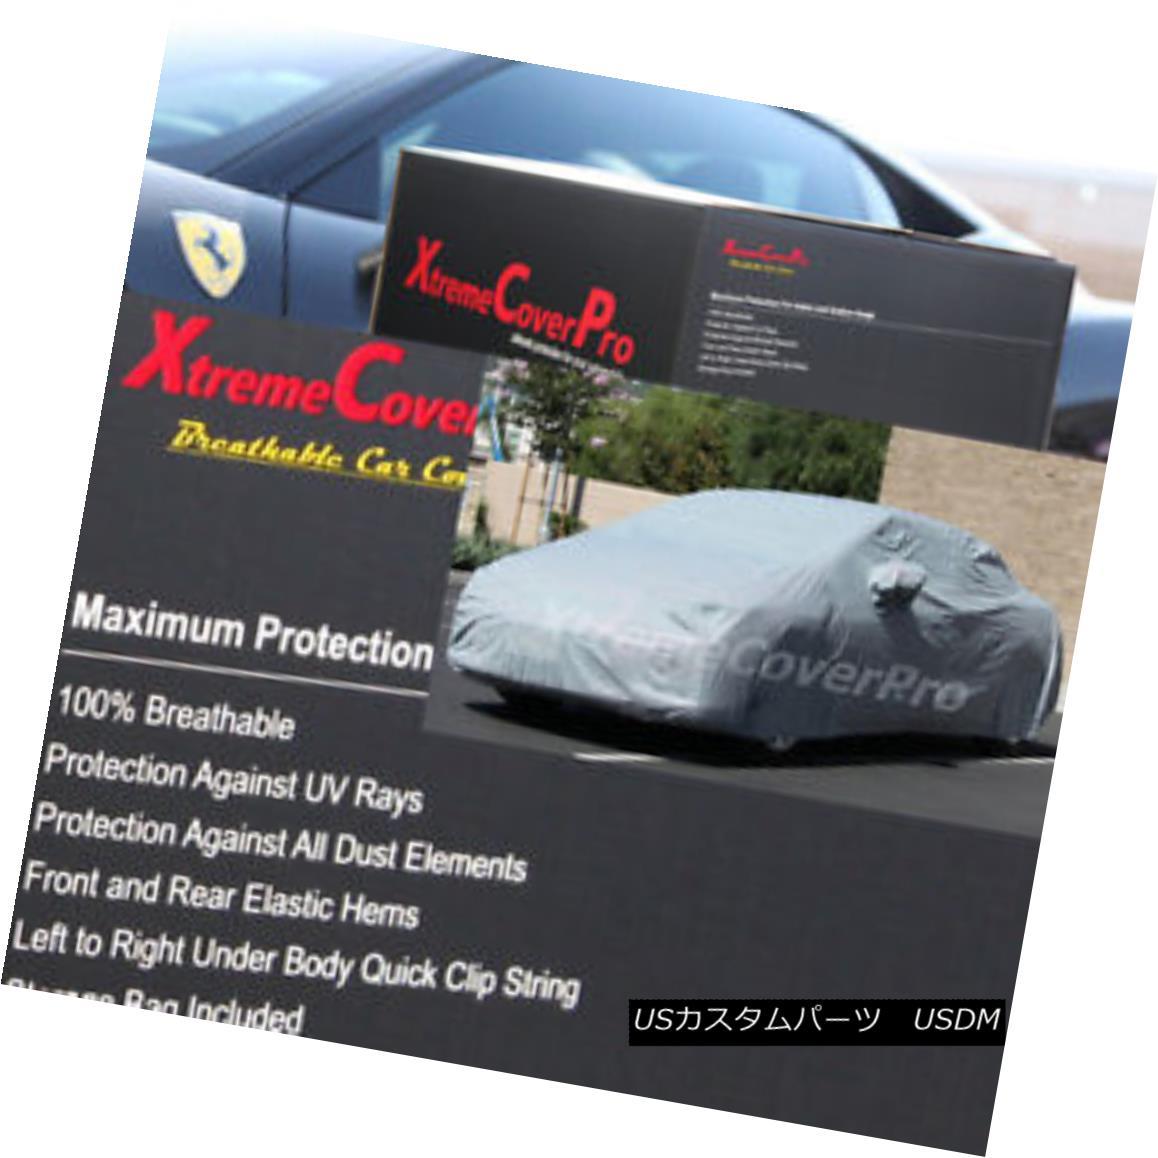 カーカバー 2014 Chrysler 300 Breathable Car Cover w/ Mirror Pocket ミラーポケット付き2014クライスラー300通気性車カバー